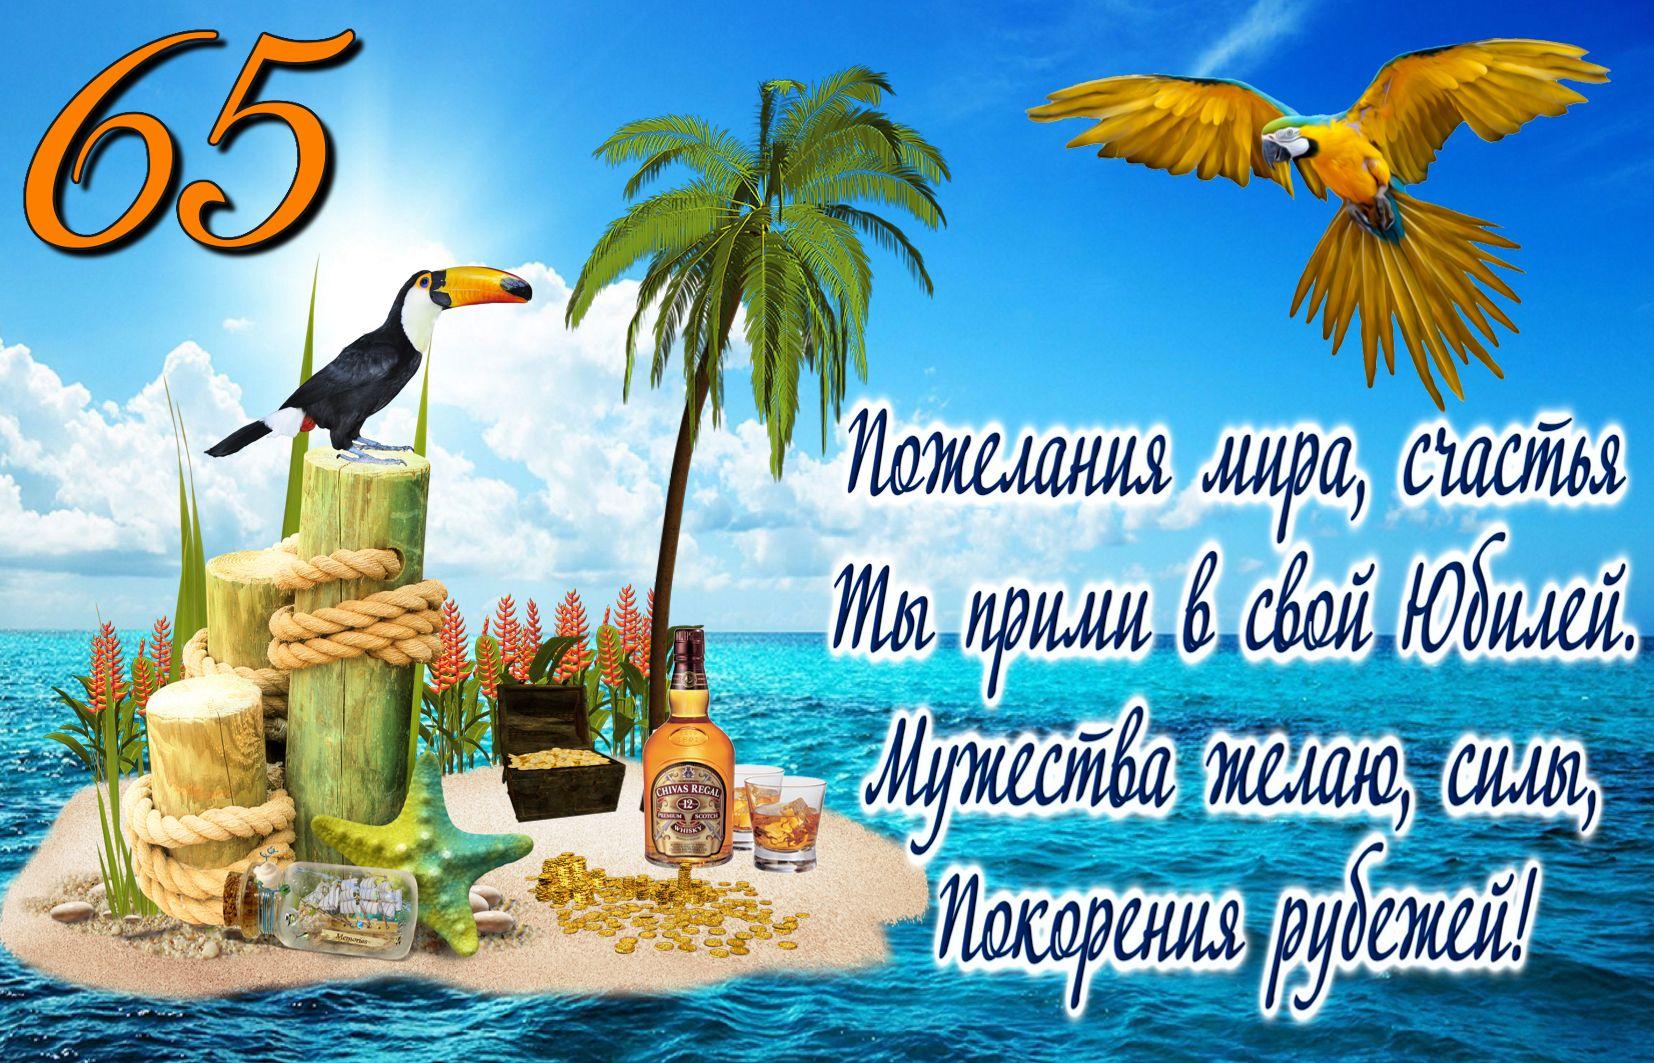 Открытка на юбилей 65 лет - сказочный островок с пальмой и попугаями